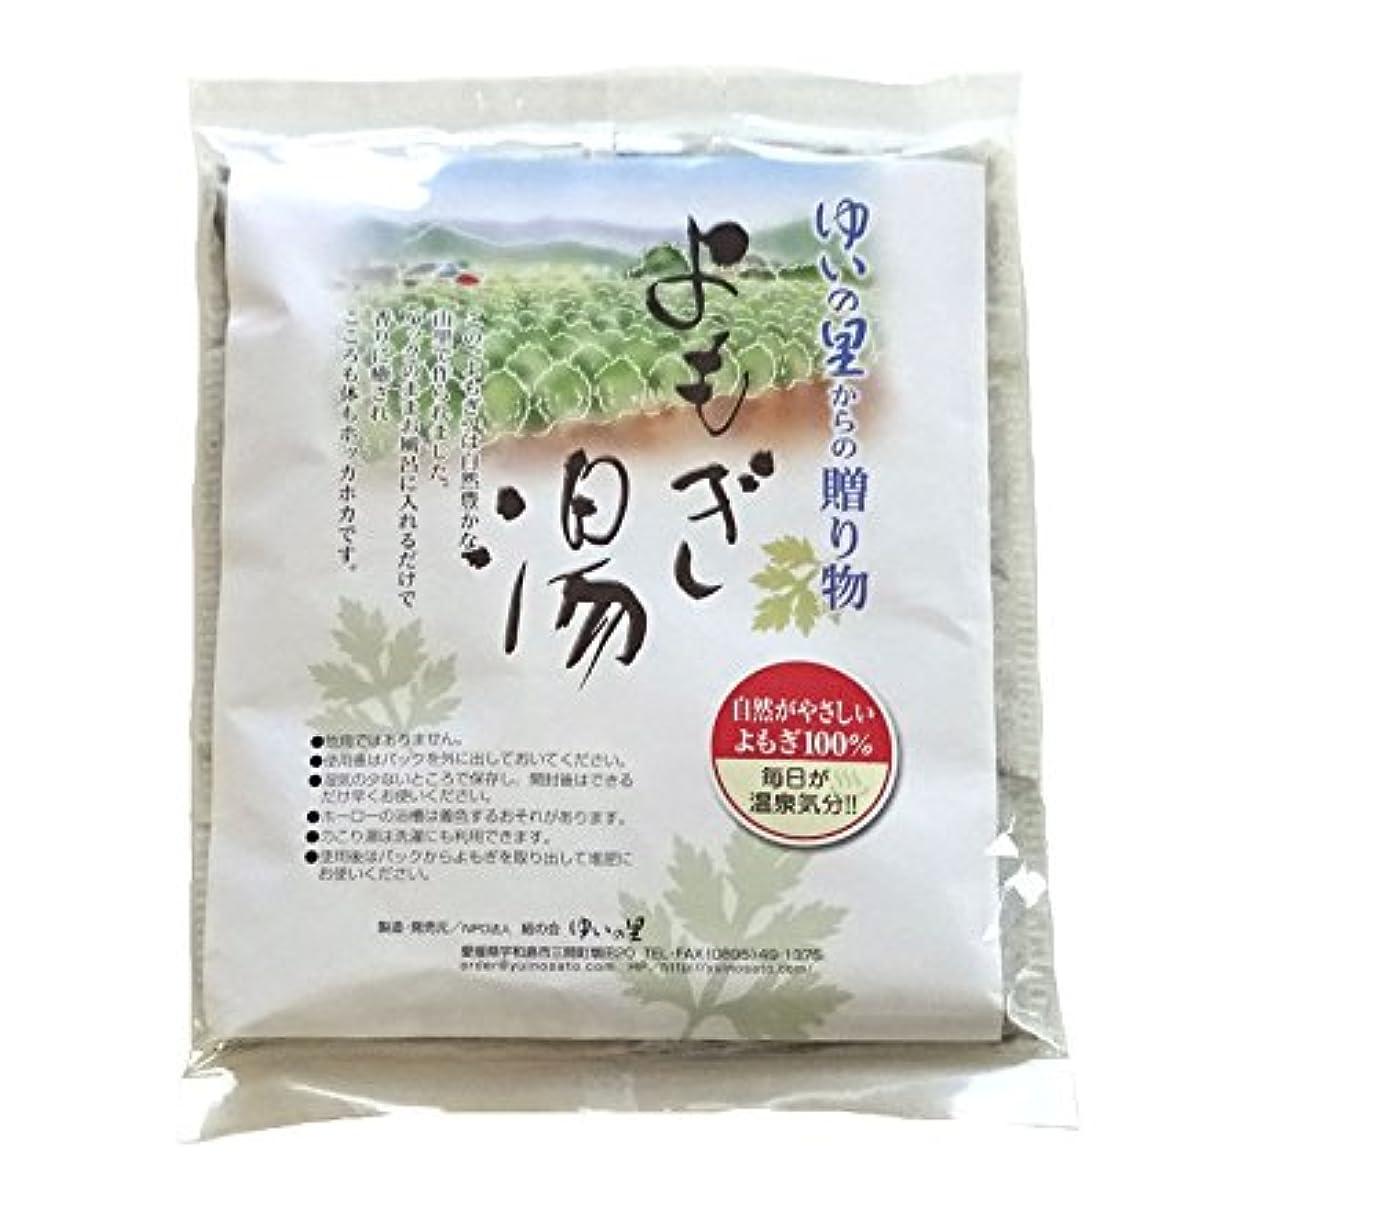 ピンクキャスト乗算よもぎ湯入浴パック (10パック入) 愛媛県産 自家栽培よもぎ100%使用